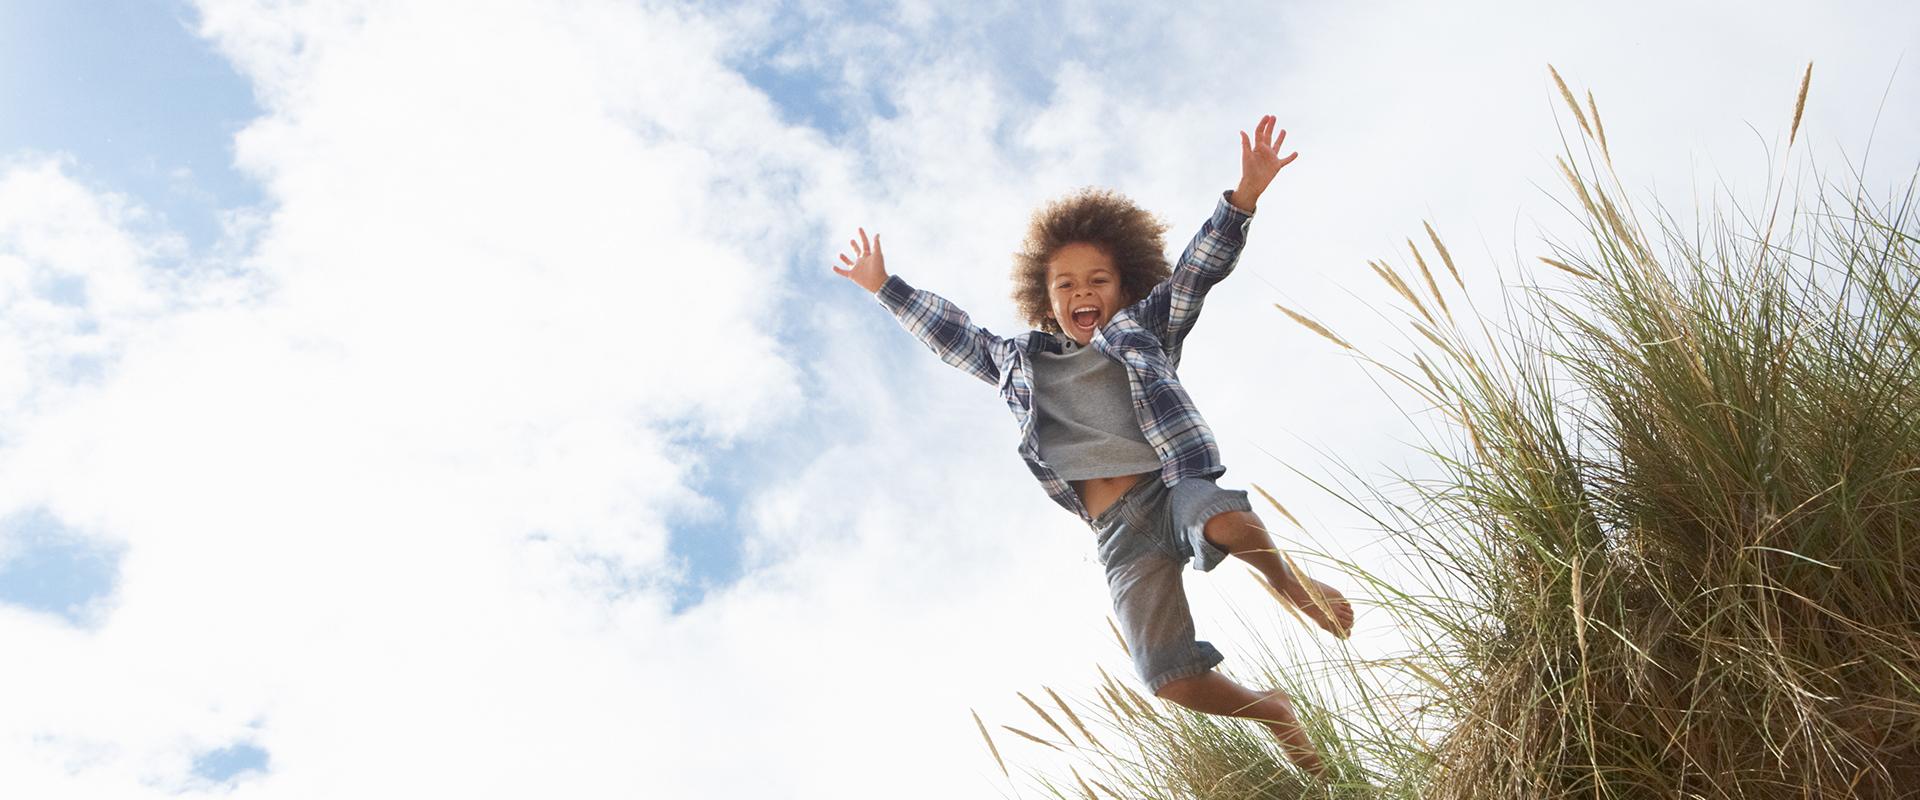 kind, jongen, springen, natuur